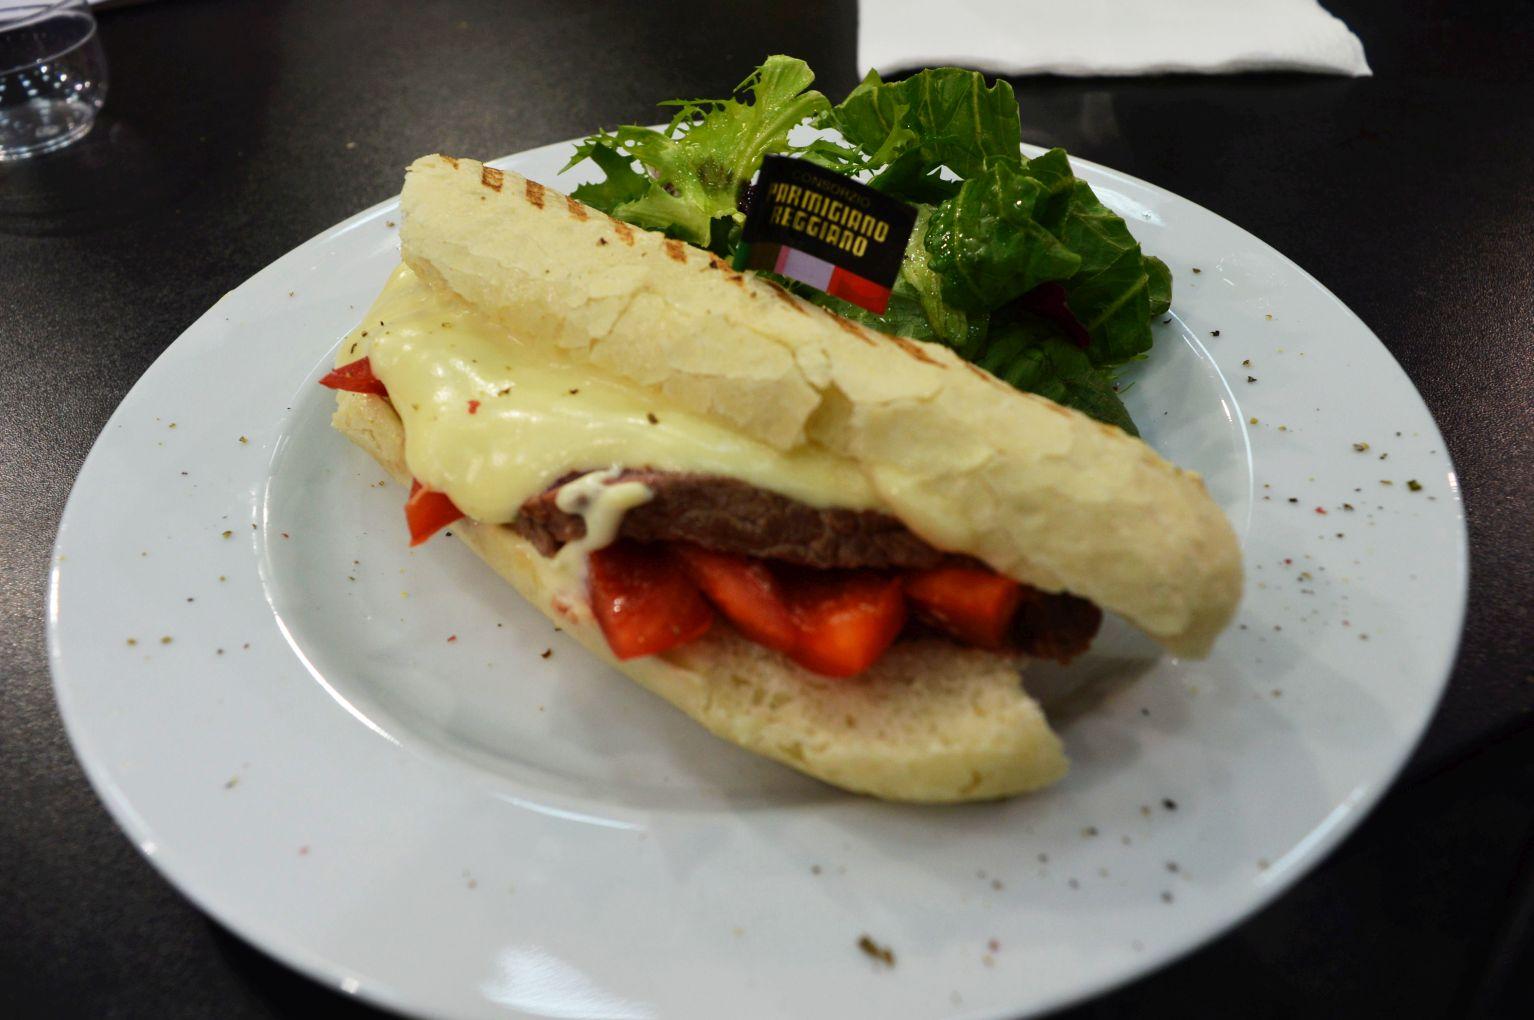 Sarbatoarea_Gustului_Cupa_de_Sandwich_62